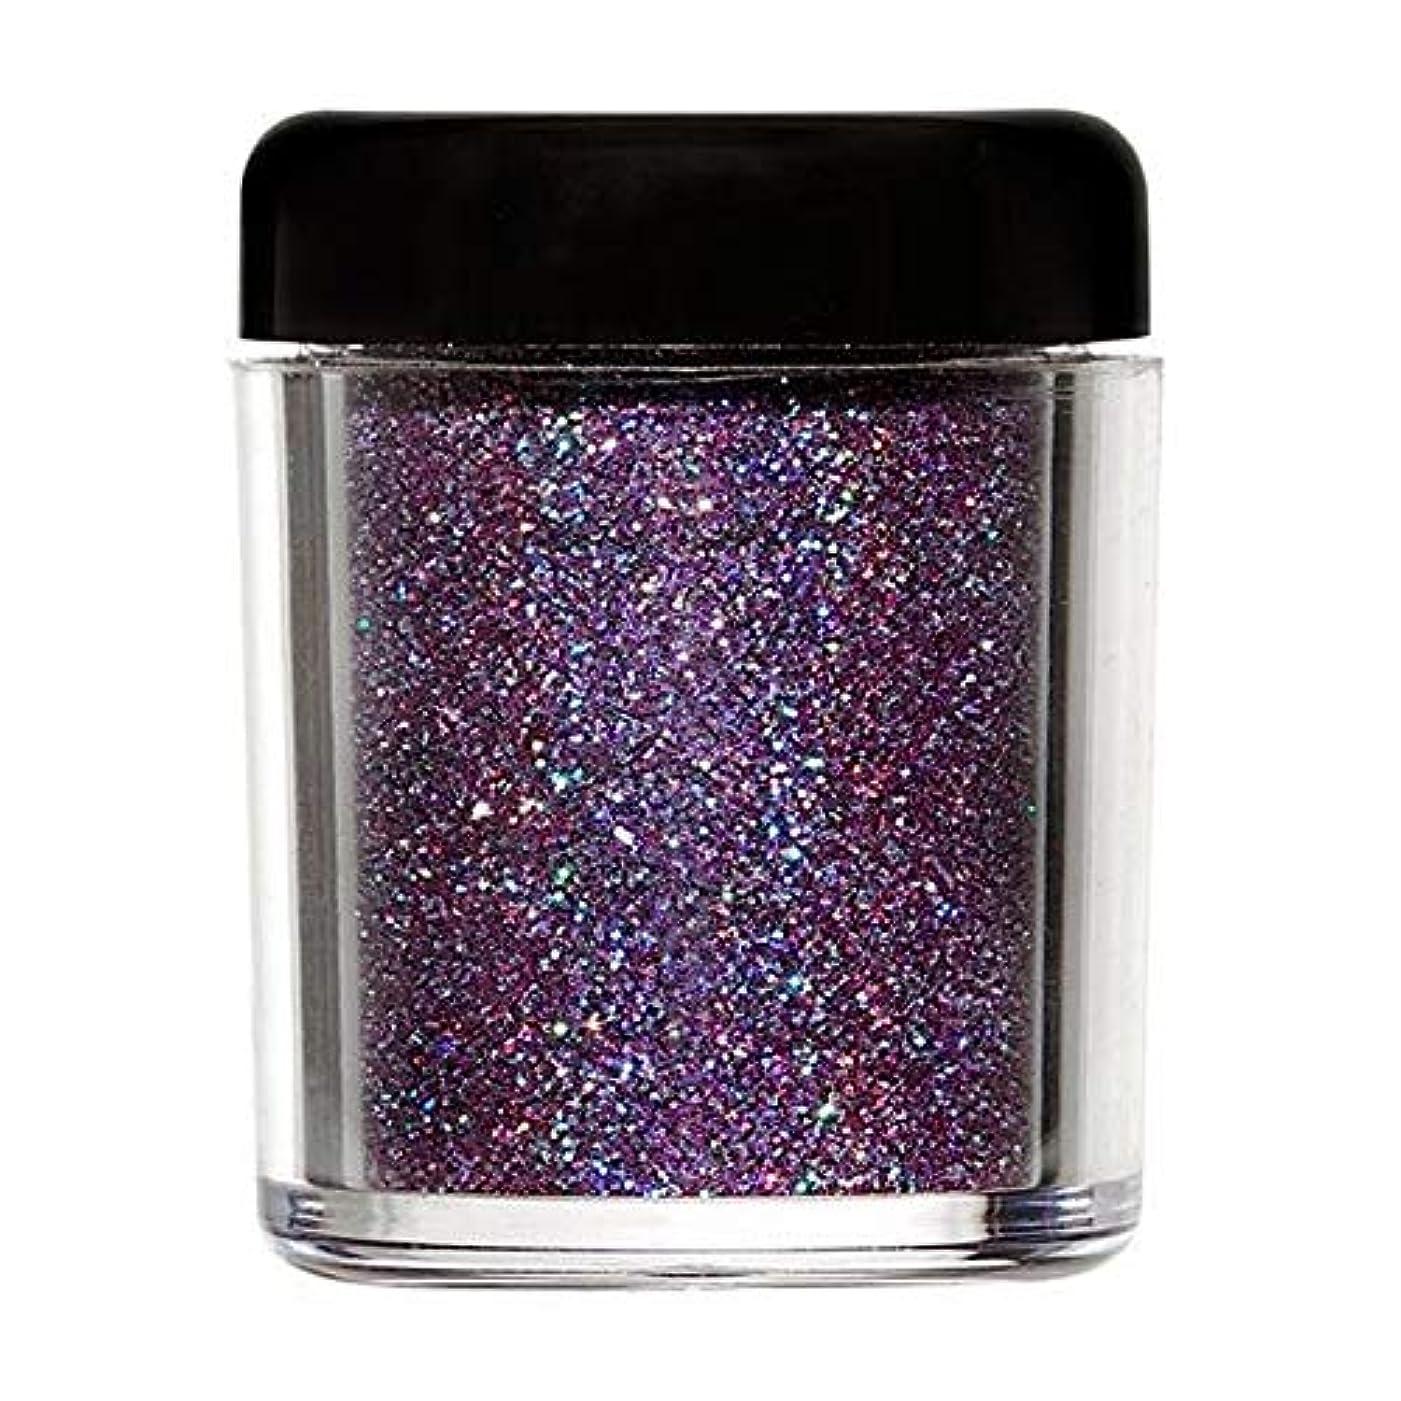 突然ポジティブ視聴者[Barry M ] バリーメートルのグリッターラッシュボディの輝き - 紫外線 - Barry M Glitter Rush Body Glitter - Ultraviolet [並行輸入品]